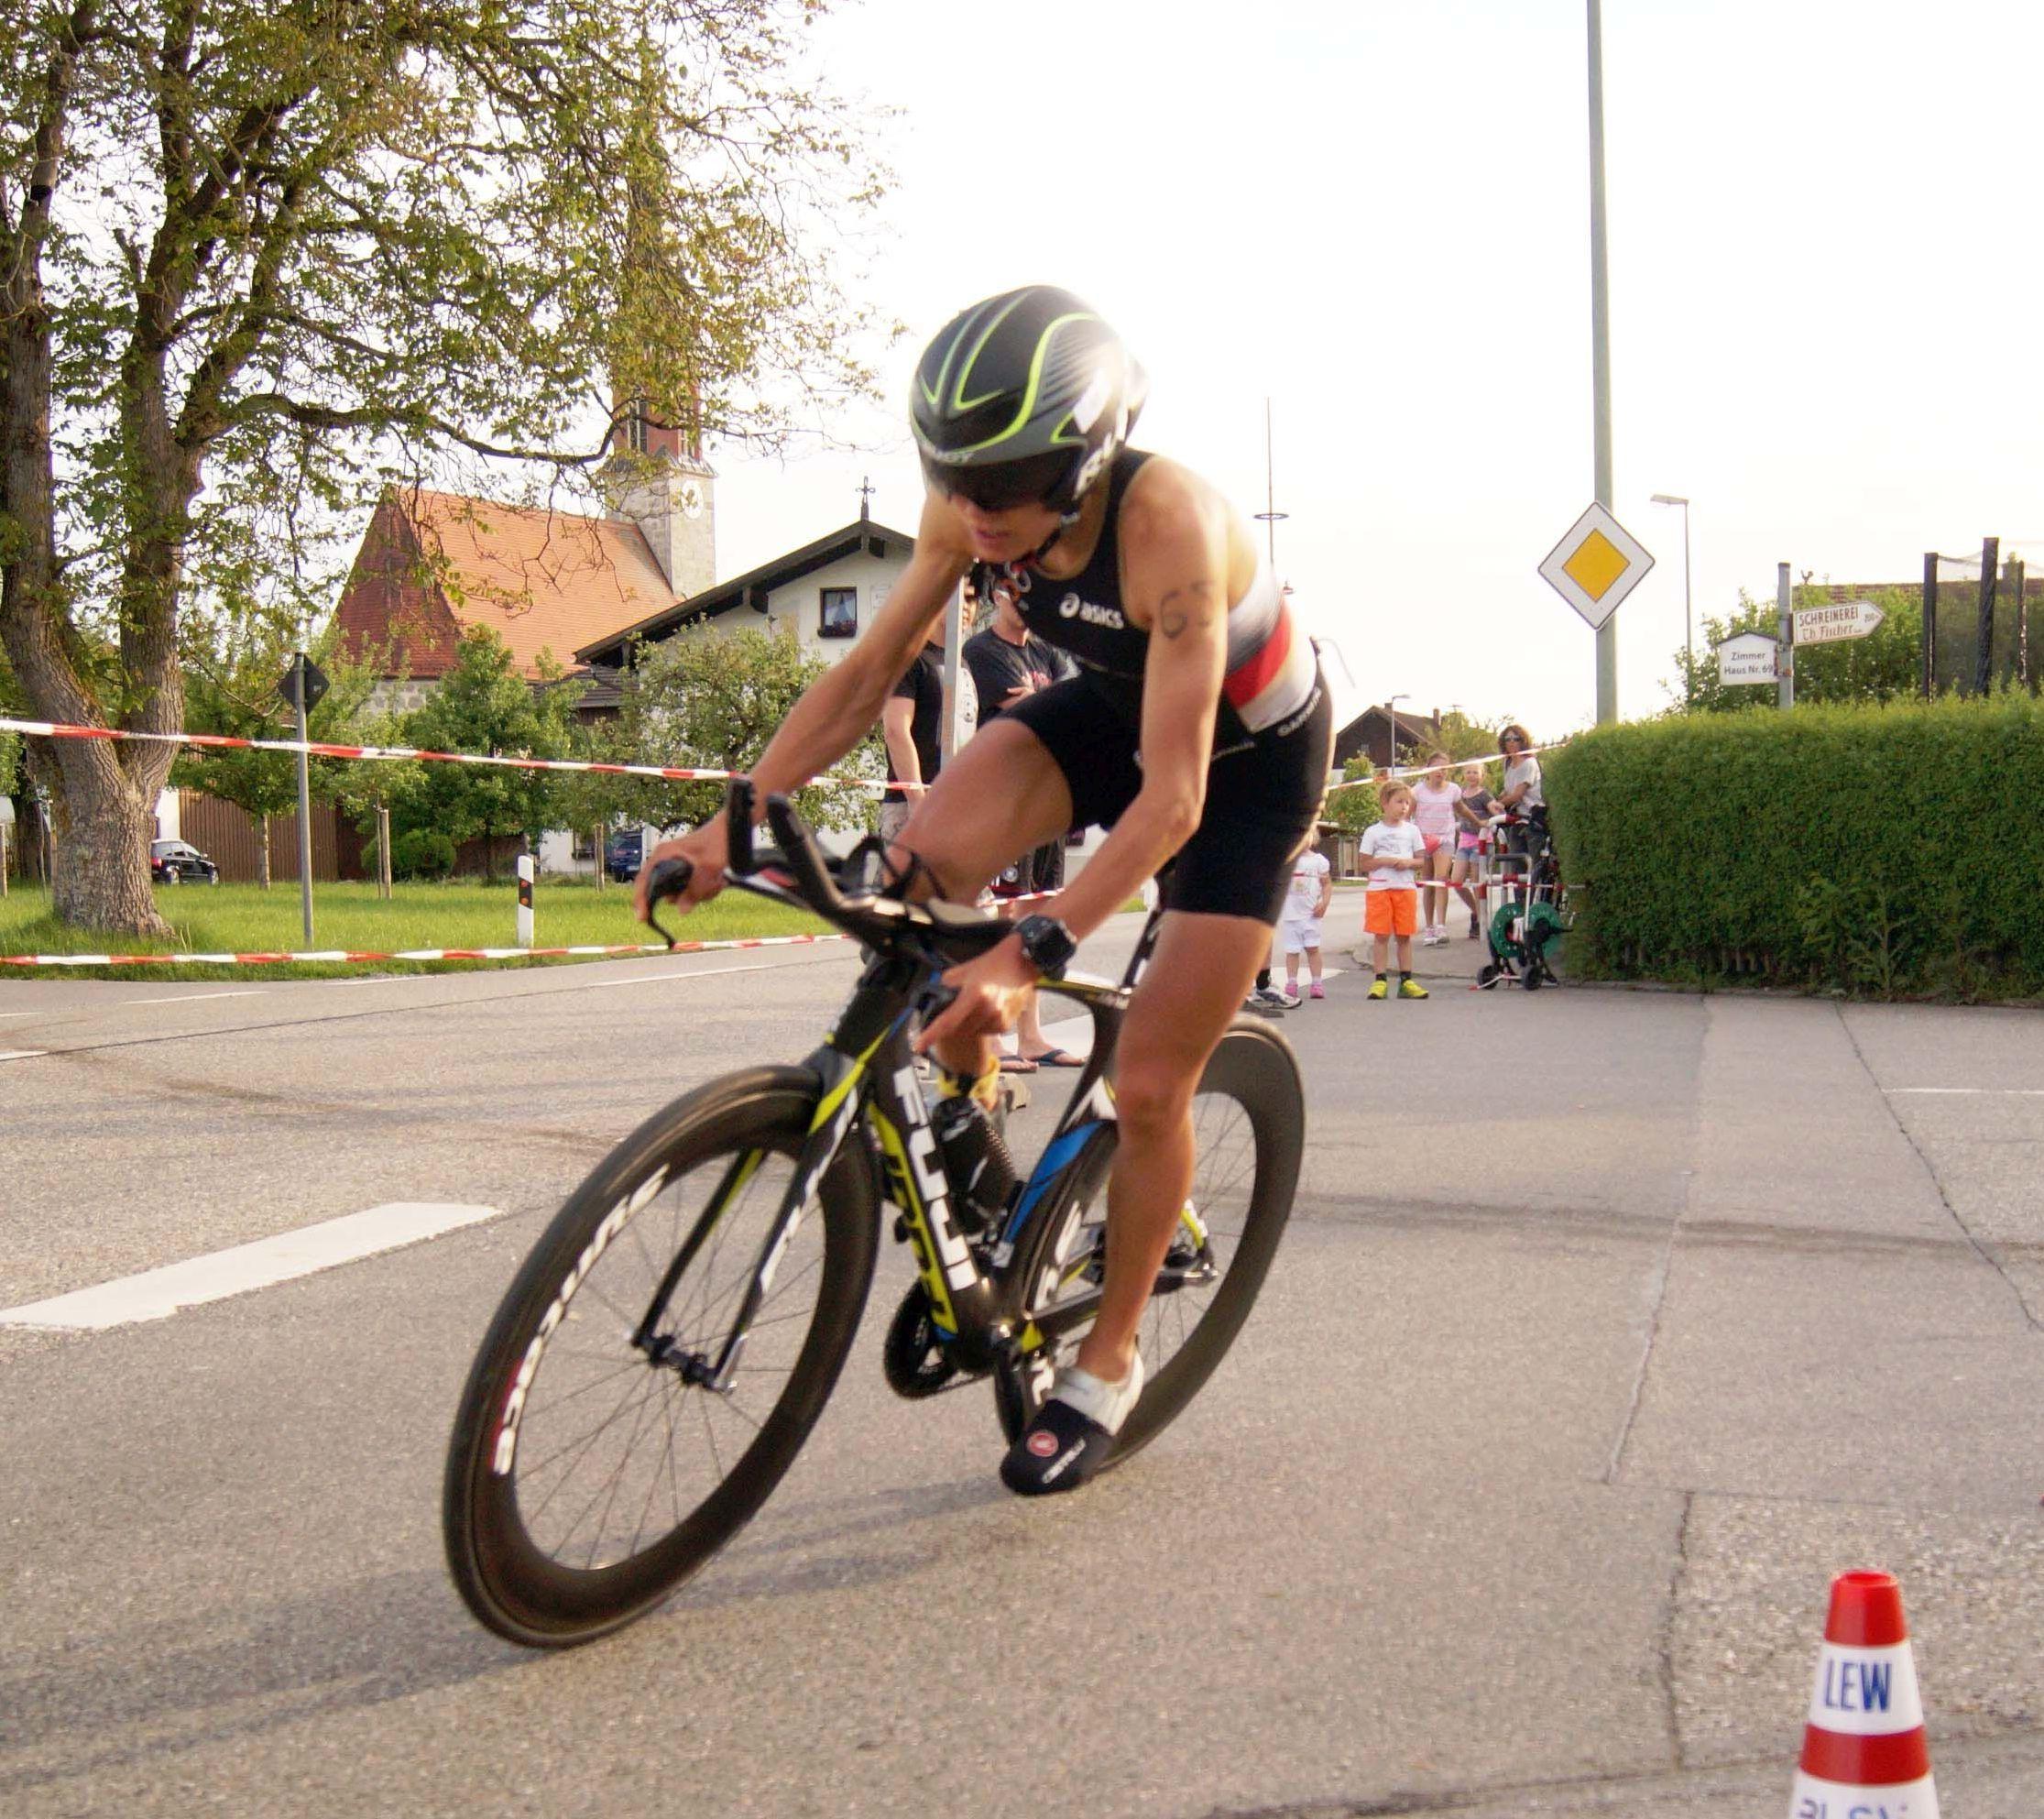 L'atleta Triathlon Julia Viellehner nello stesso ospedale di Hayden: investita, rischia amputazione gambe